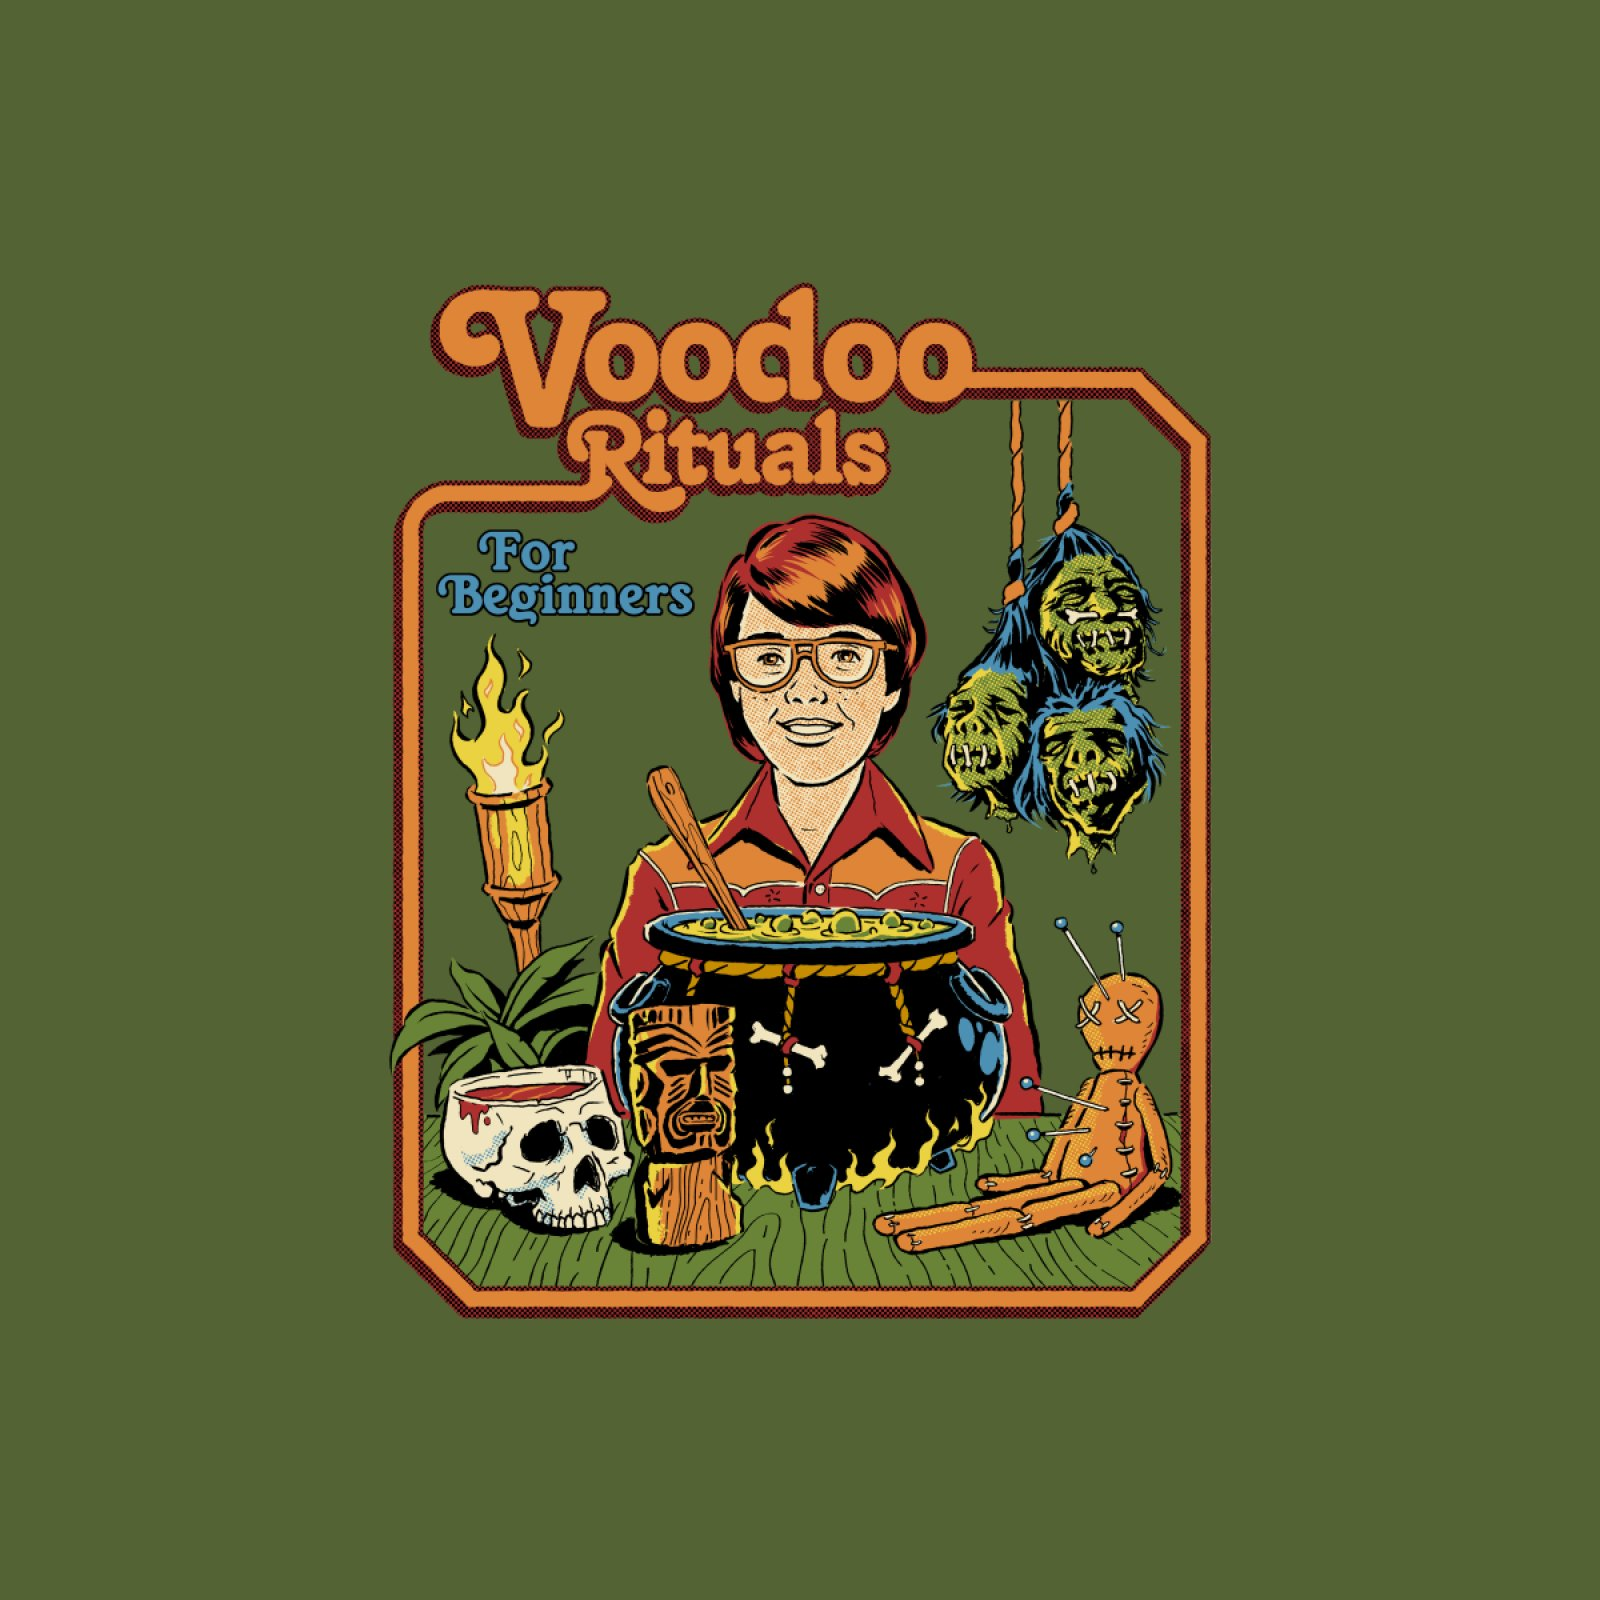 Voodoo Rituals for Beginners